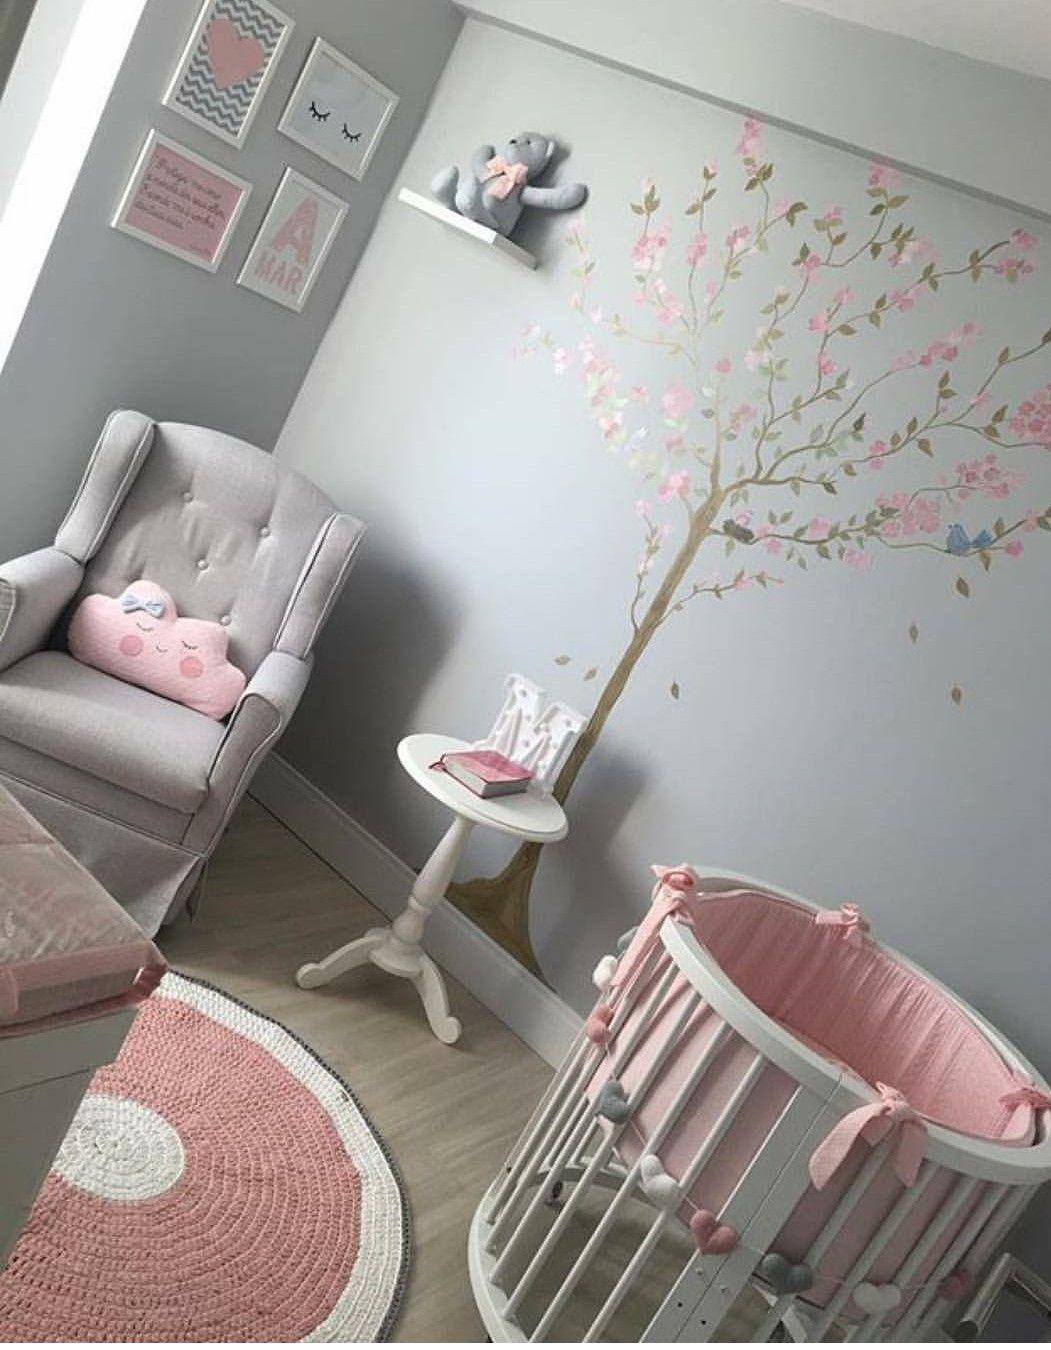 Jugendzimmer wandkunst pin von josephine zoska auf how i like to live  pinterest